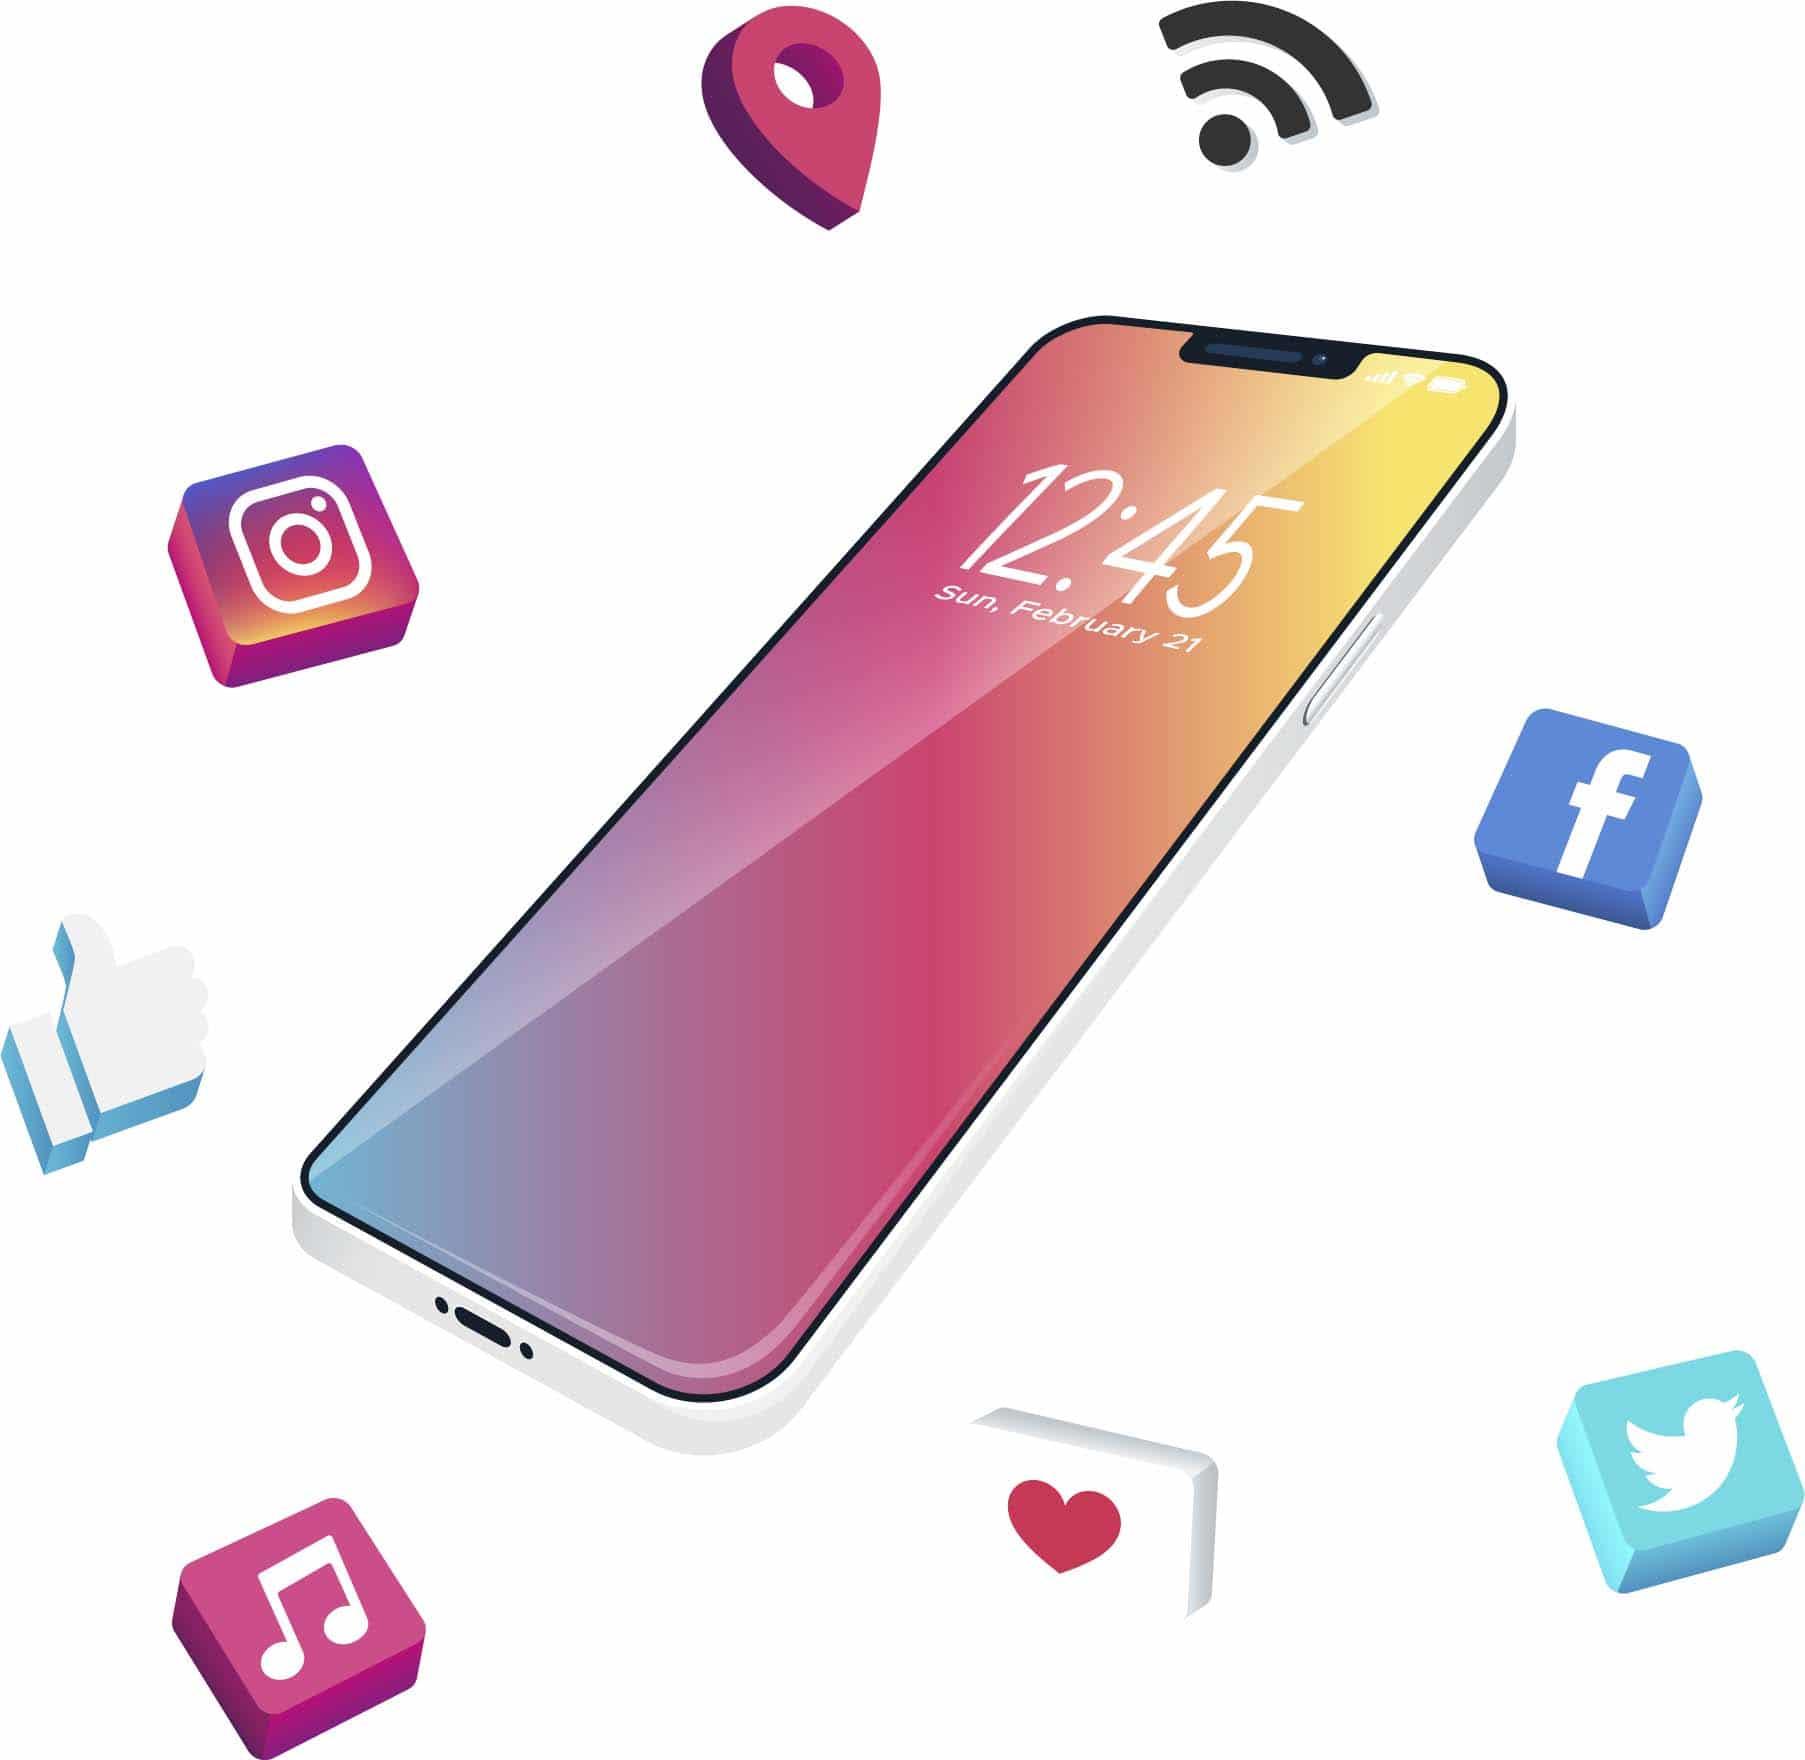 infinidad servicios social media